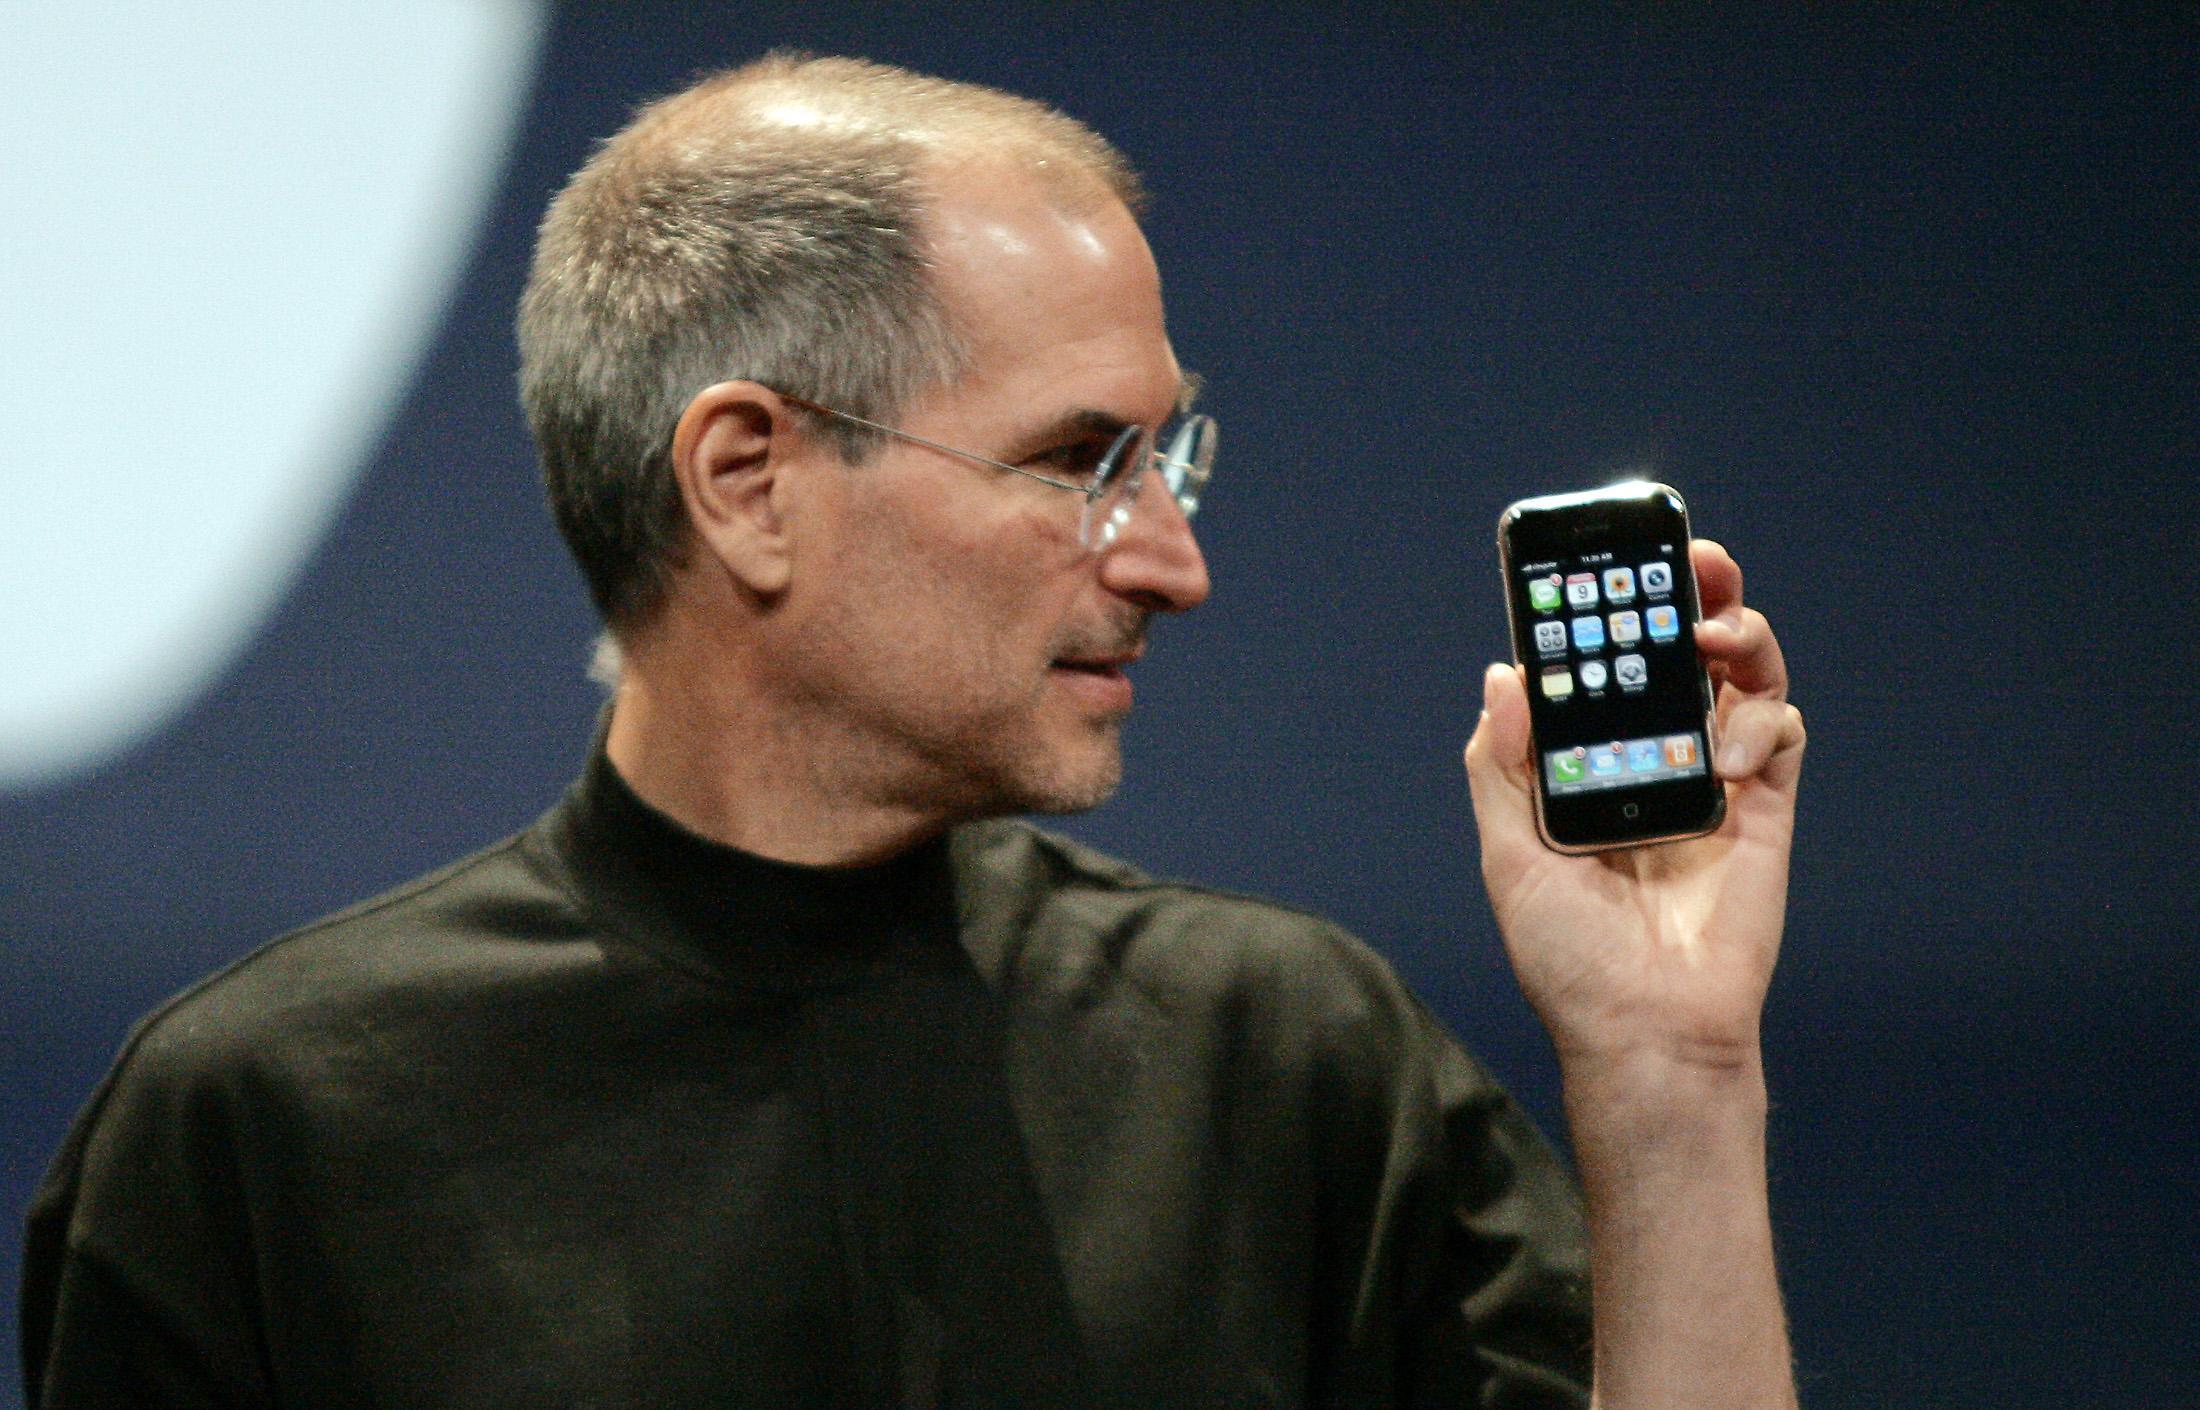 apple s iphone turns 10 bumpy start forgotten